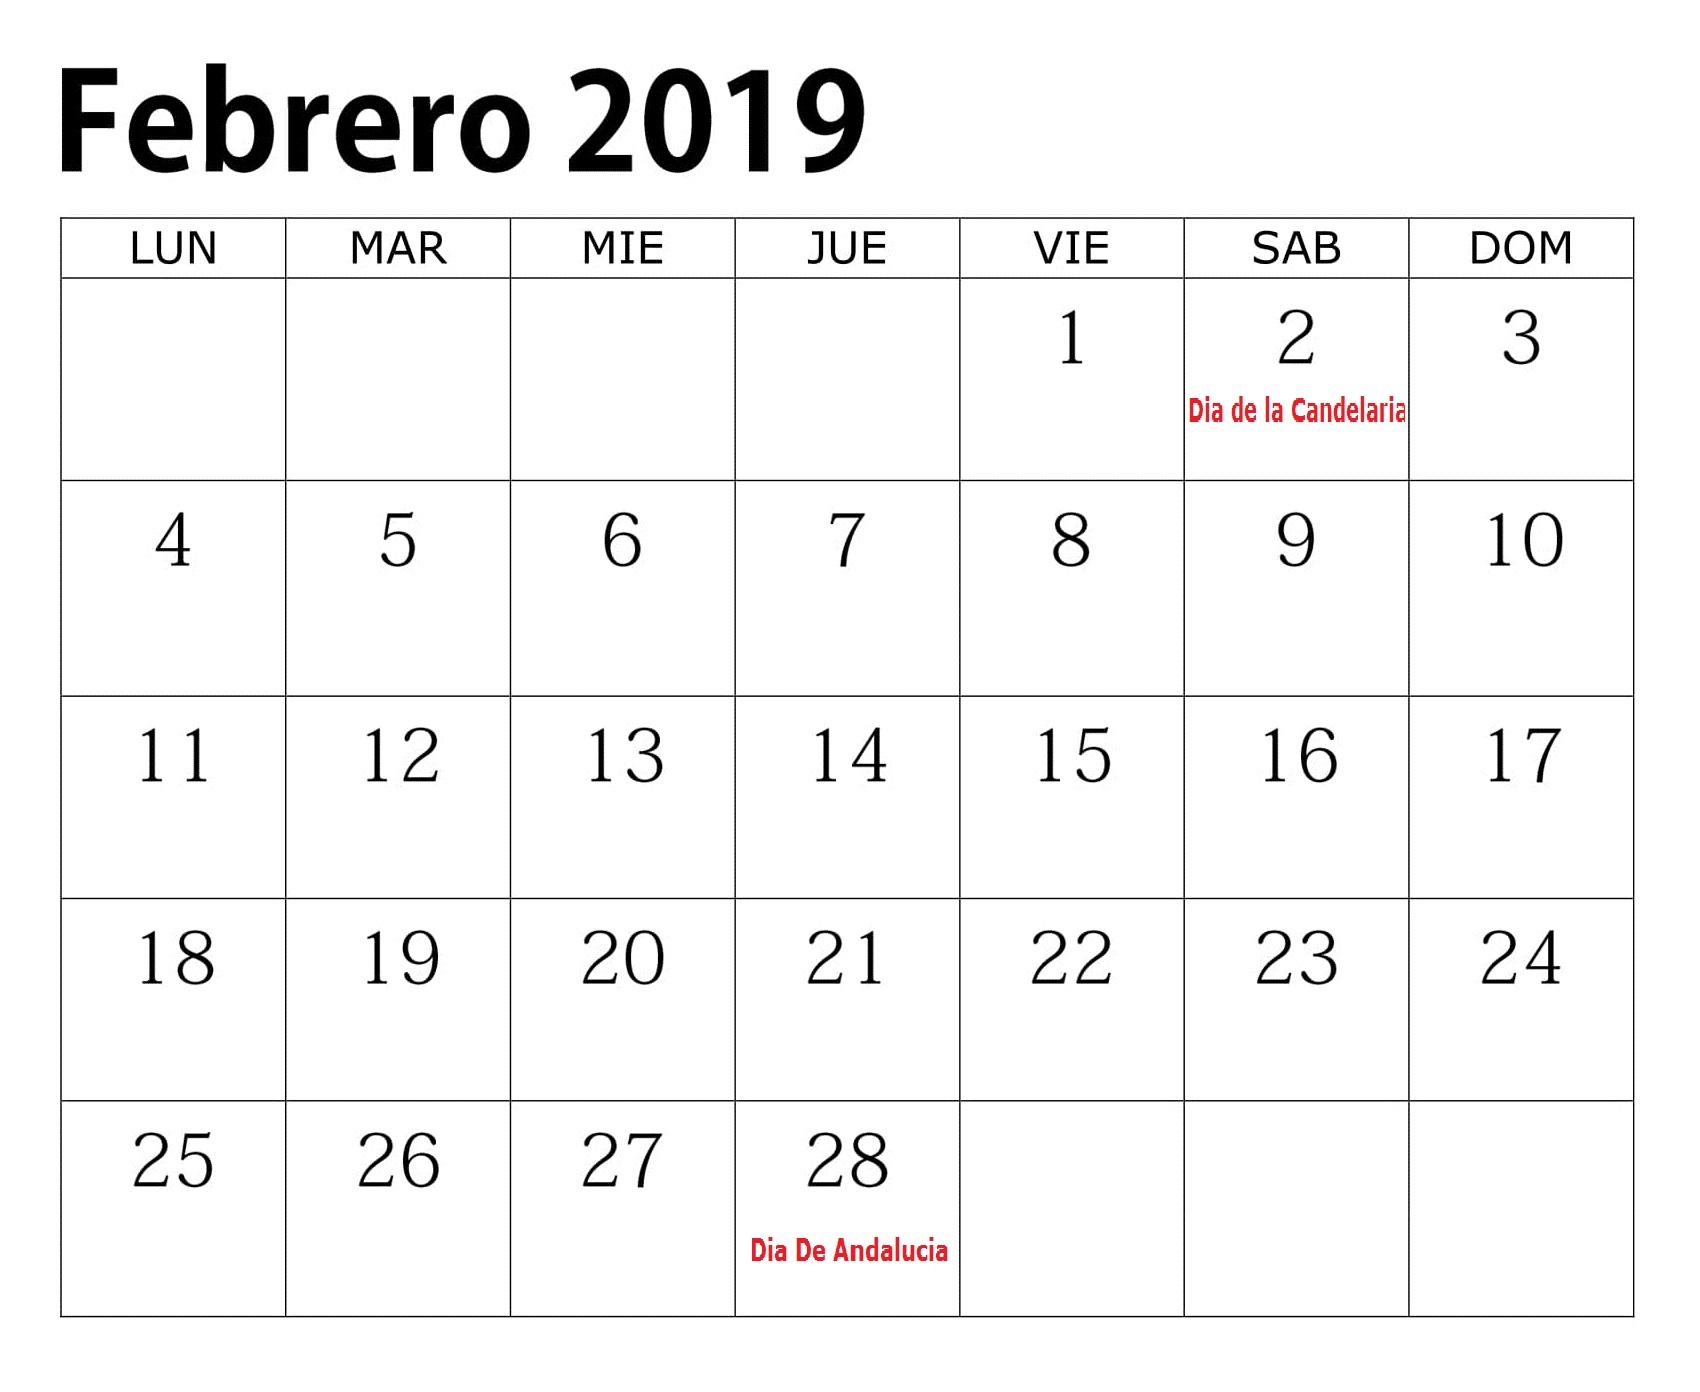 Calendario 2019 Editable Con Festivos Febrero